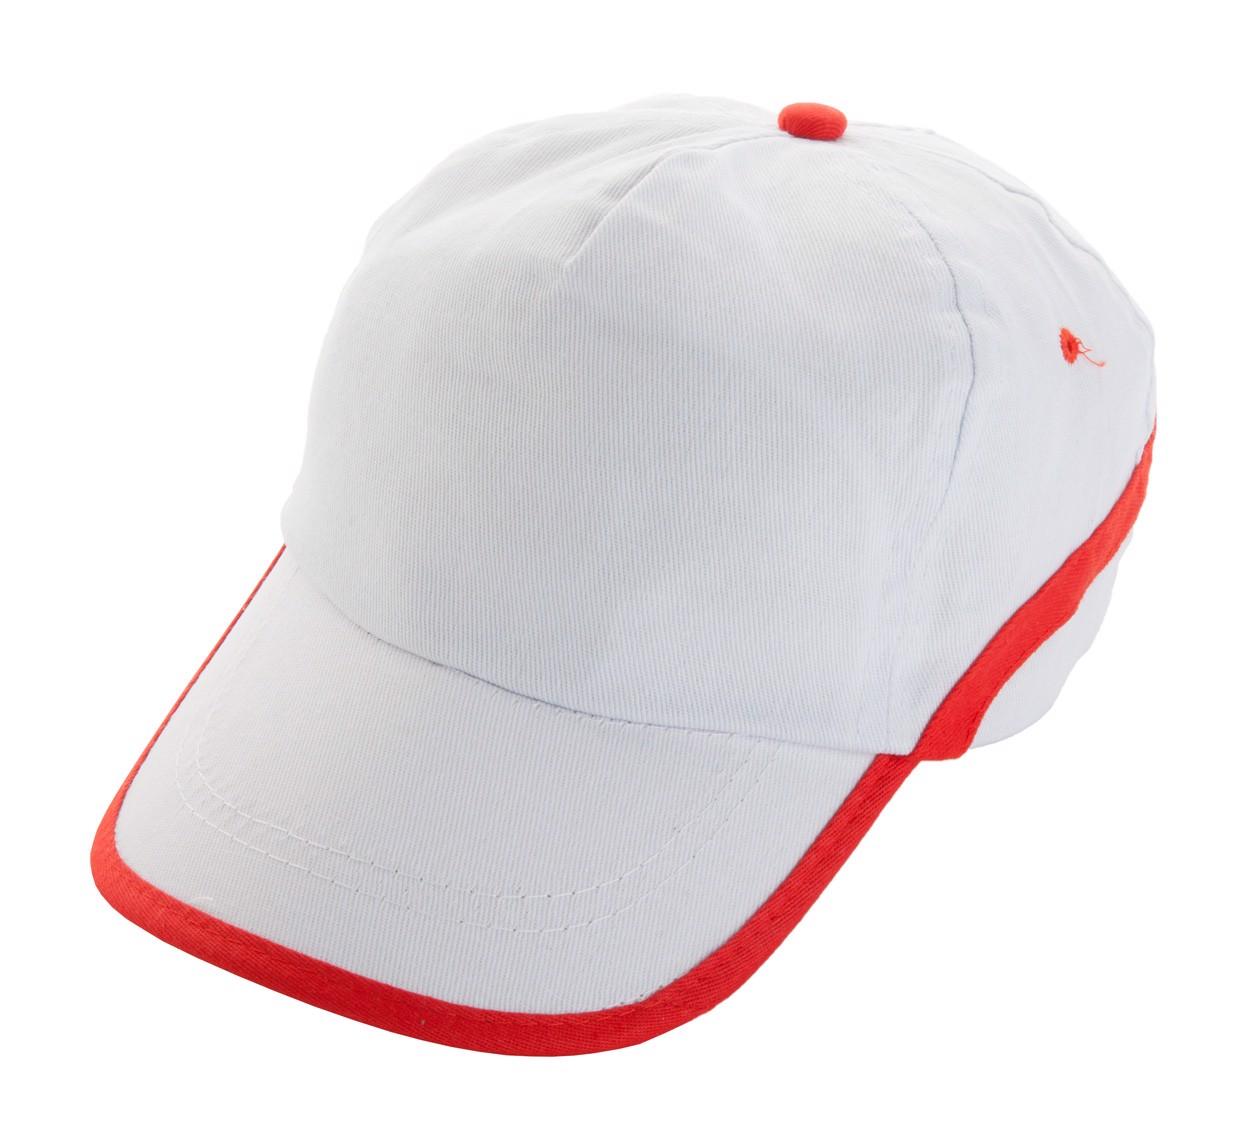 Baseballová Čepice Line - Bílá / Červená